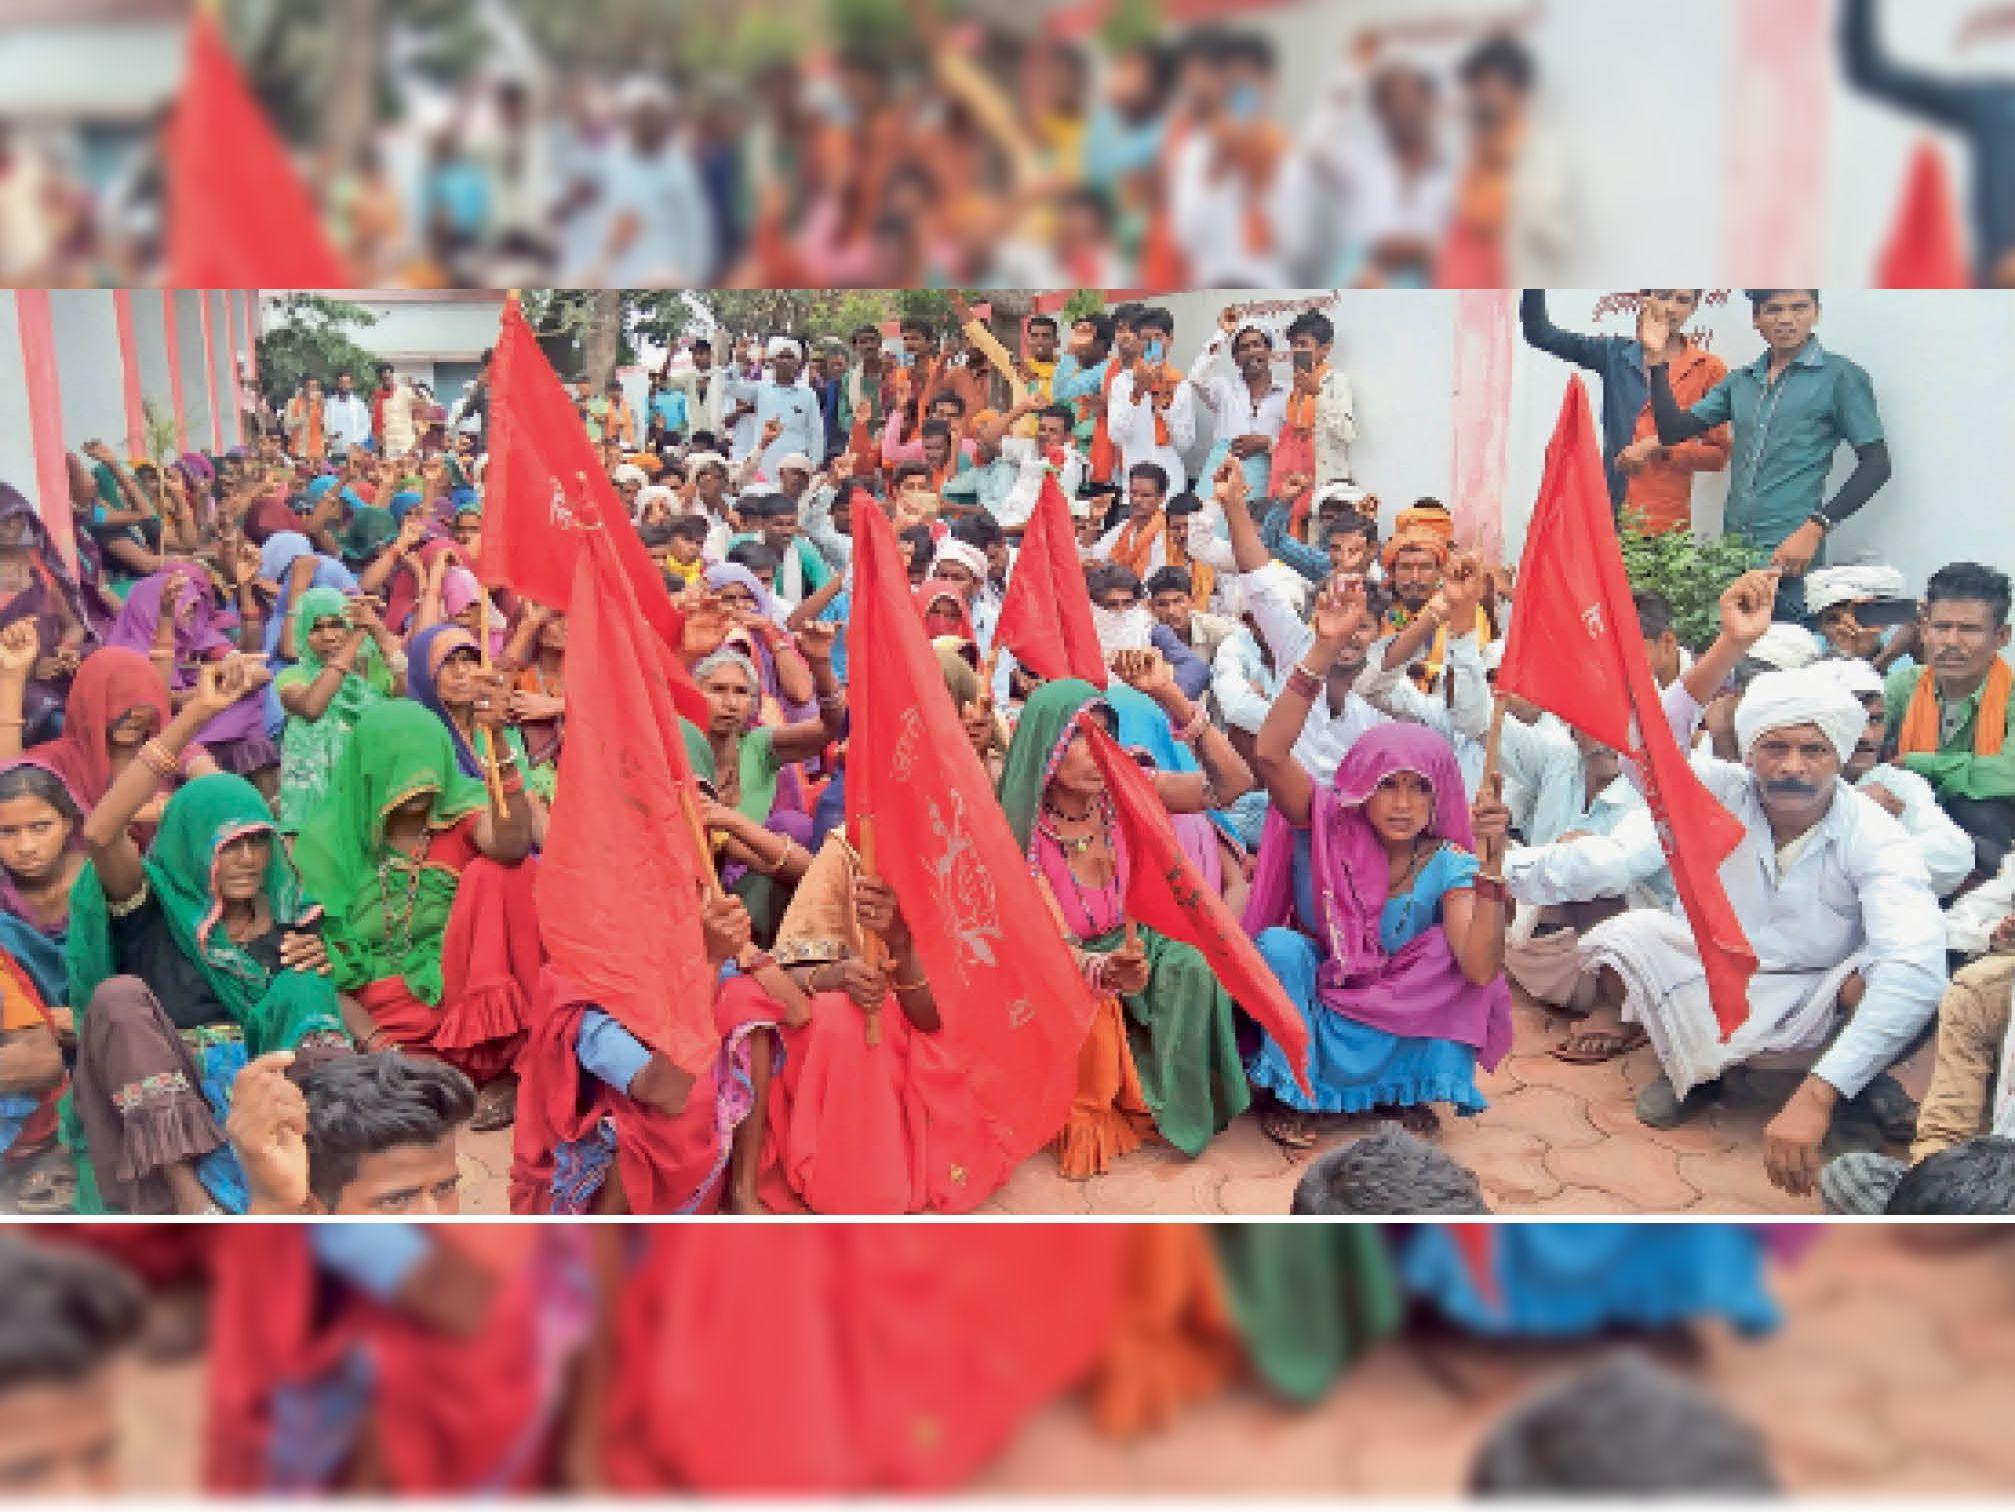 धरने पर बैठे जागृत आदिवासी दलित संगठन के लोग। - Dainik Bhaskar